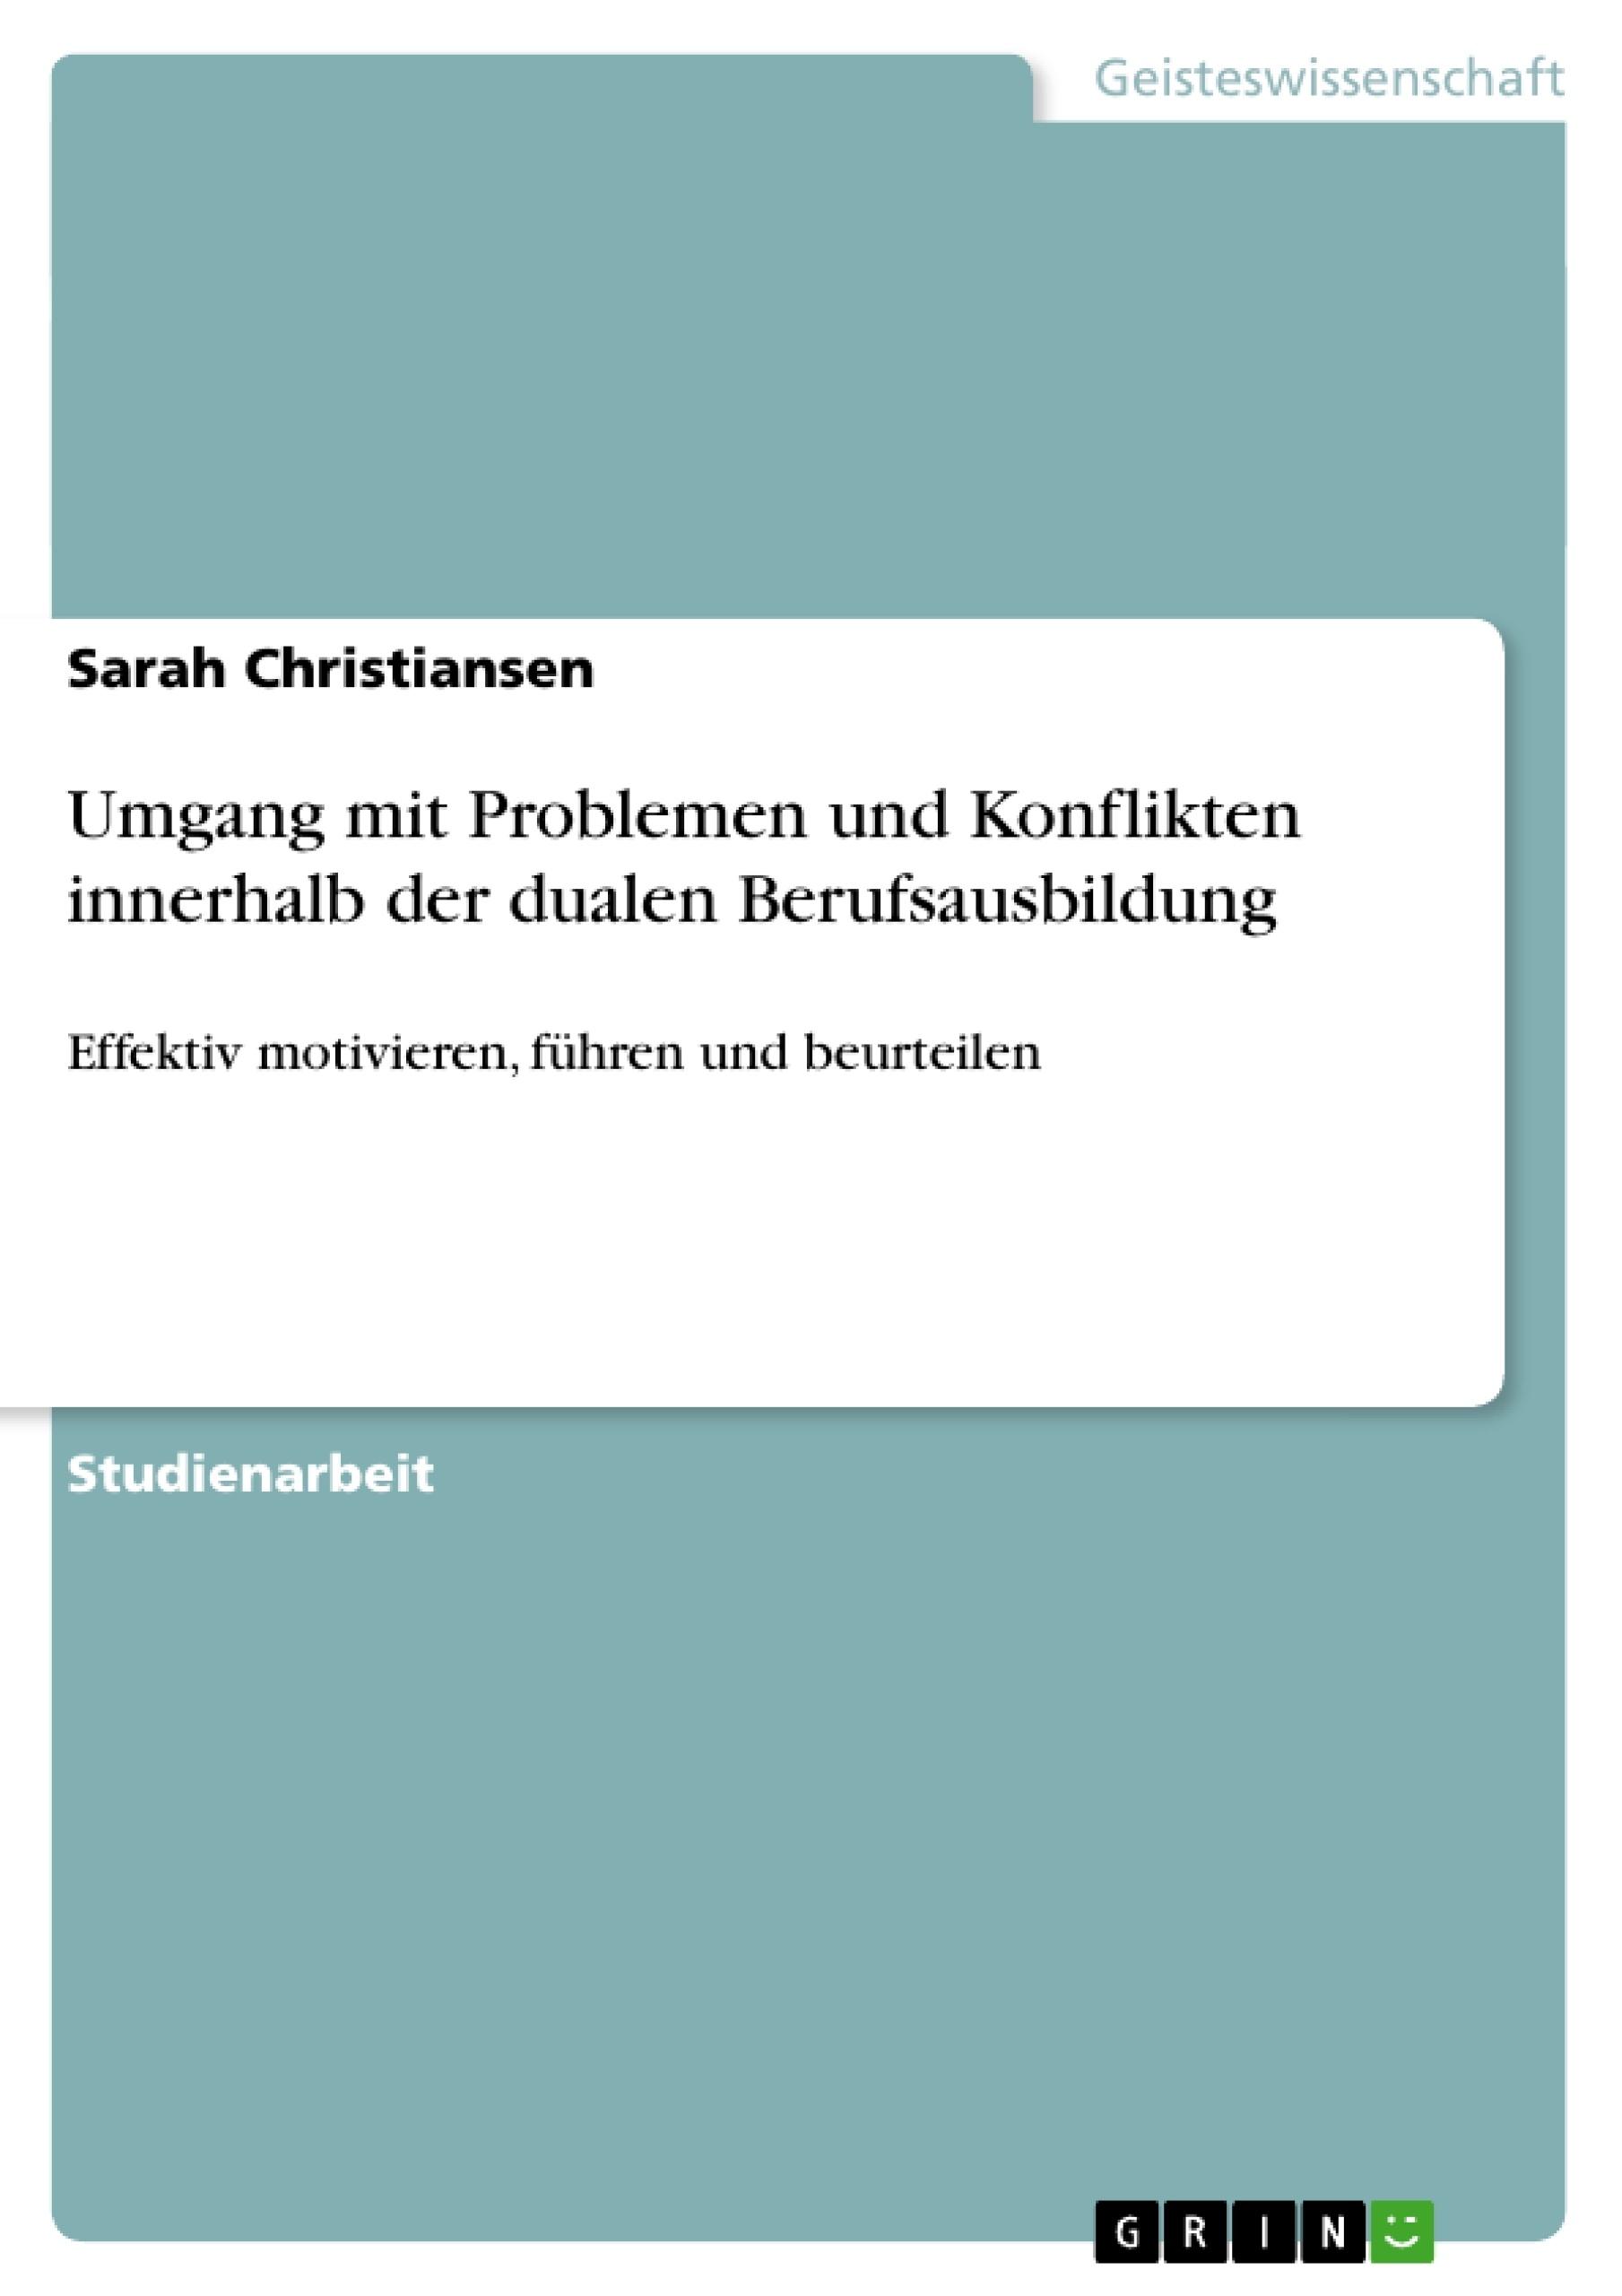 Titel: Umgang mit Problemen und Konflikten innerhalb der dualen Berufsausbildung